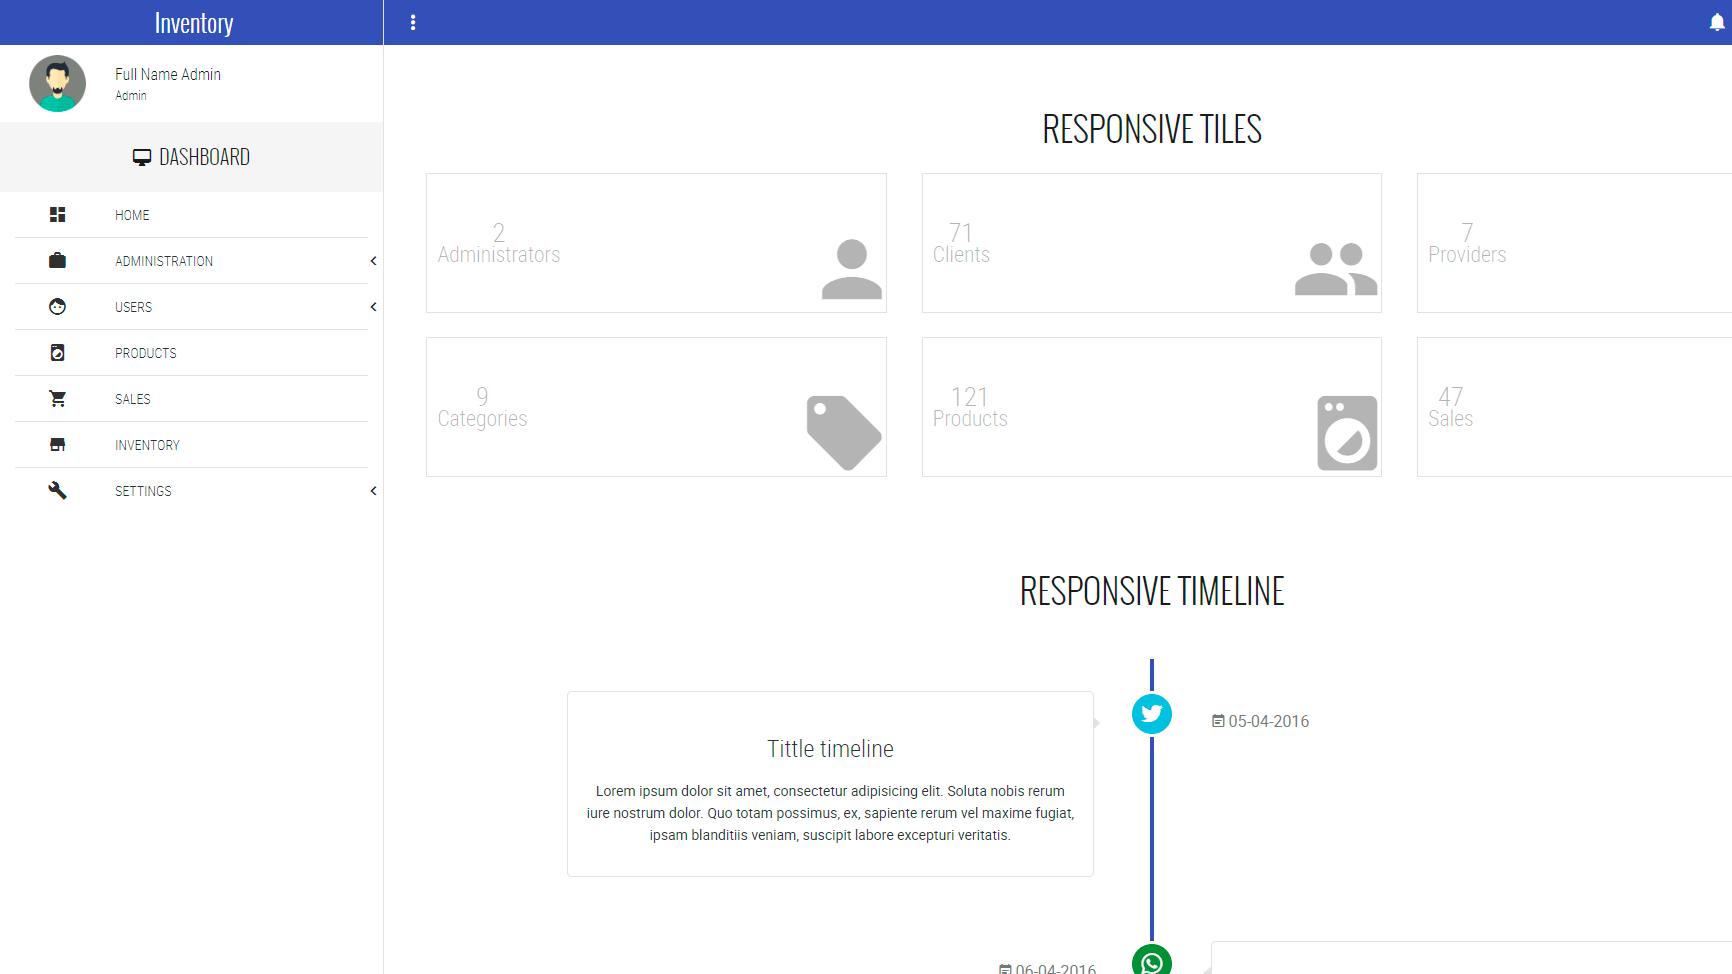 Punto de venta e inventario V1 (admin dashboard)